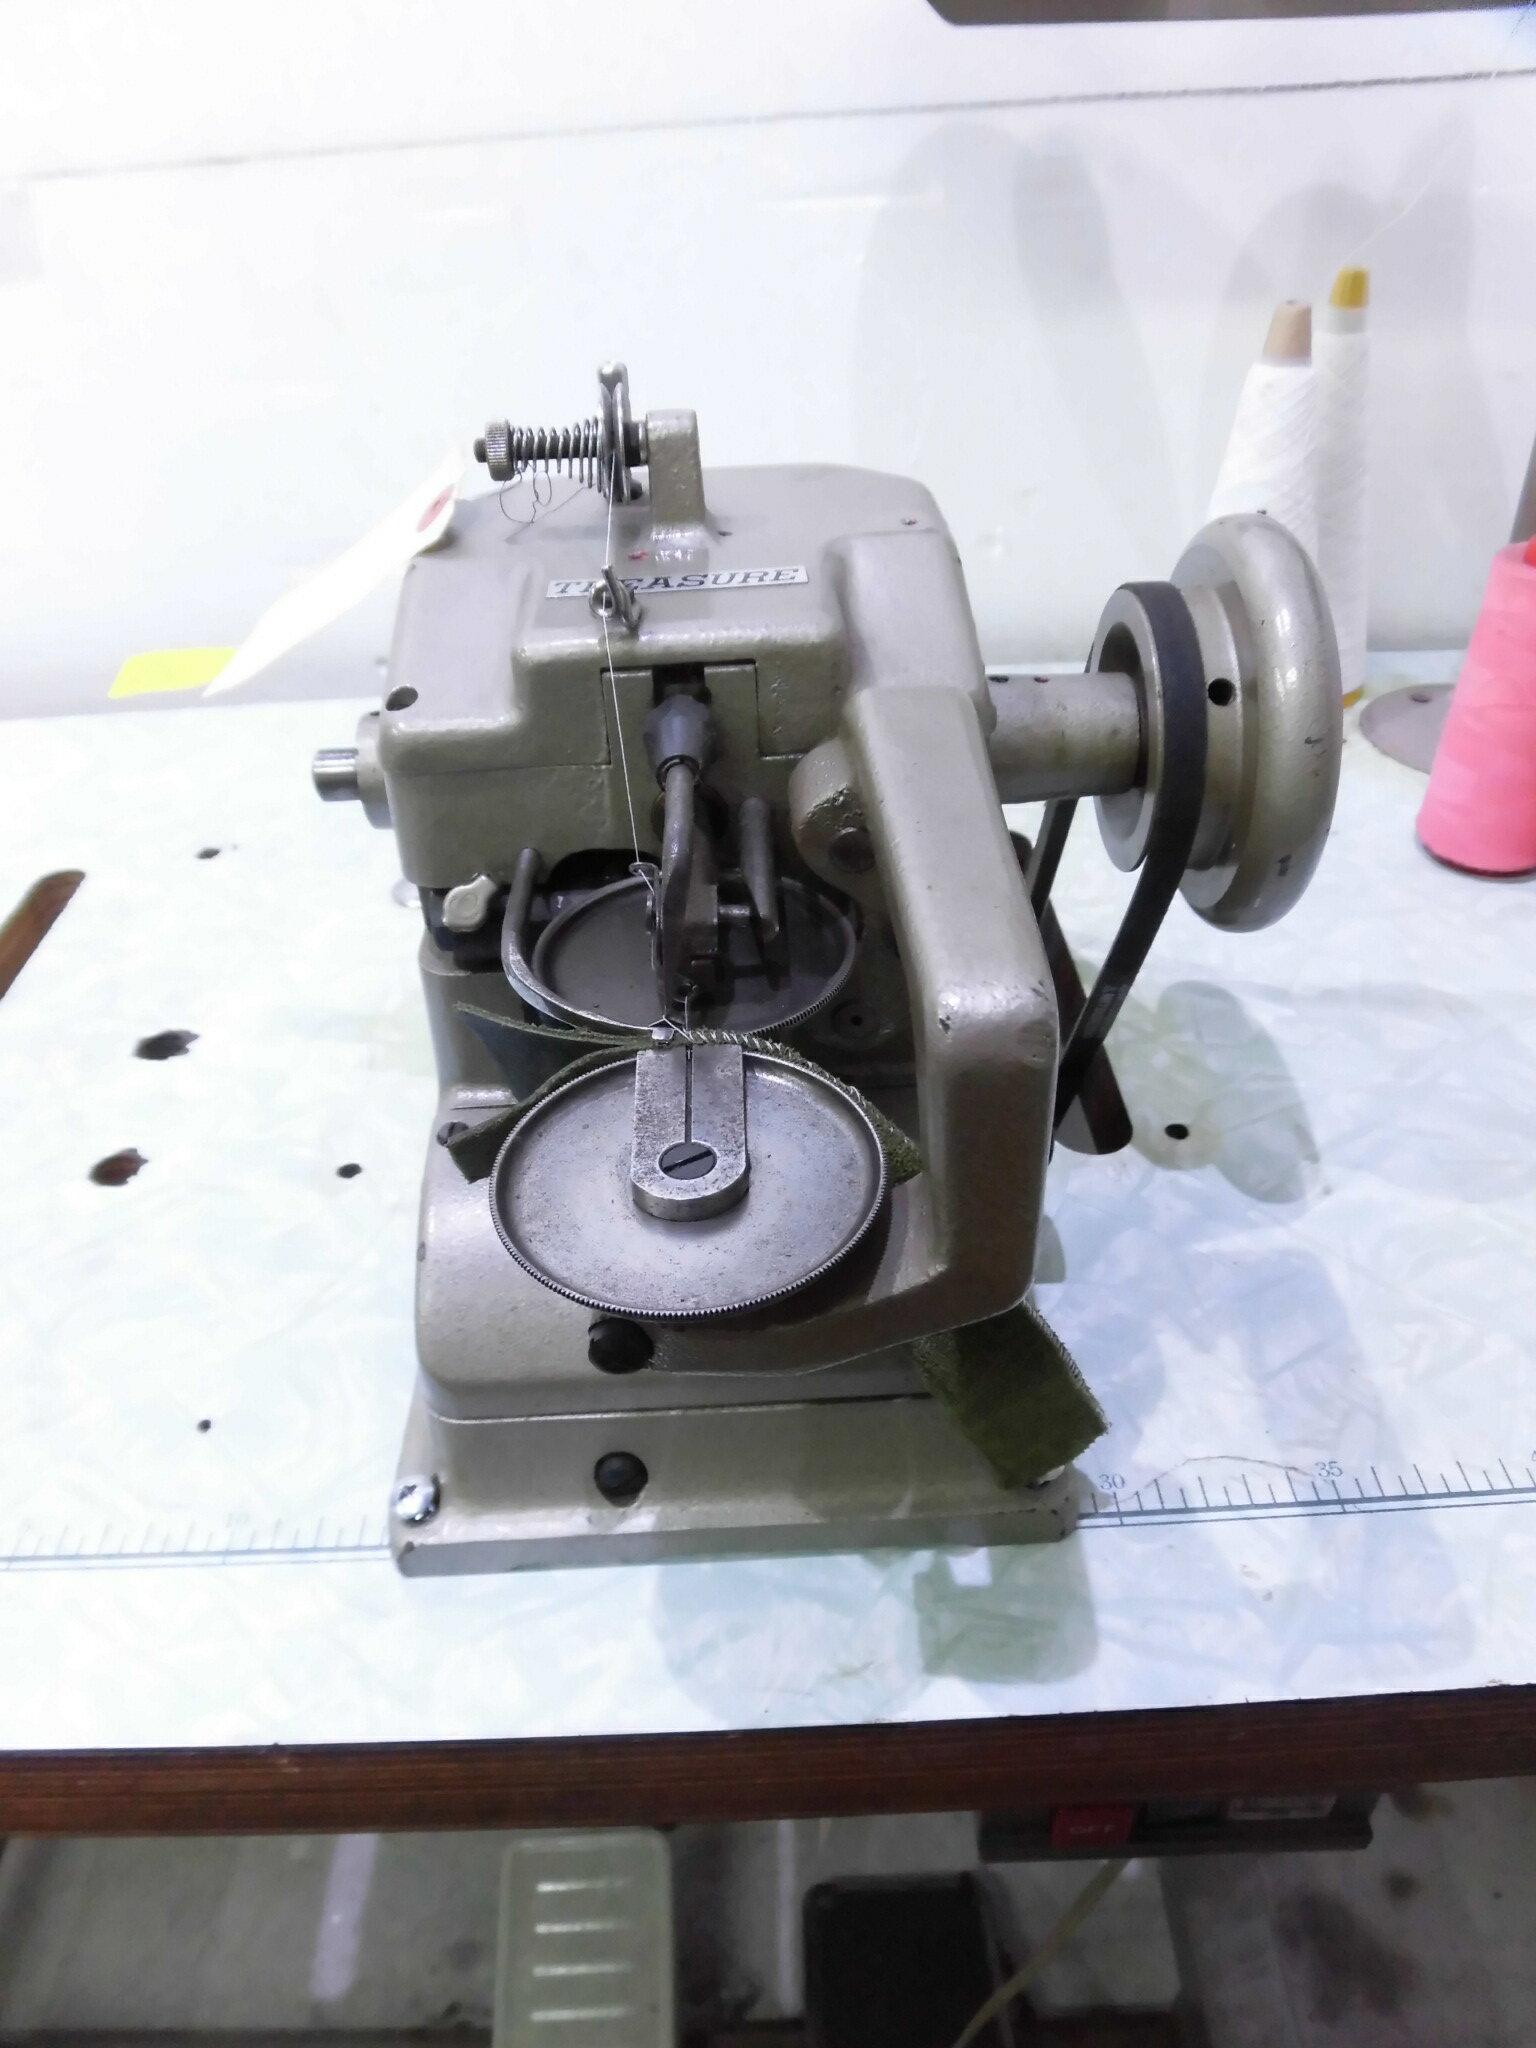 【中古】 日本製 トレージャー モデルNO-FS-760型。1本針1本糸カップシーマー ミシン、毛皮、革、合皮、デニム、帆布等の継ぎ合わせ縫製に適しています。